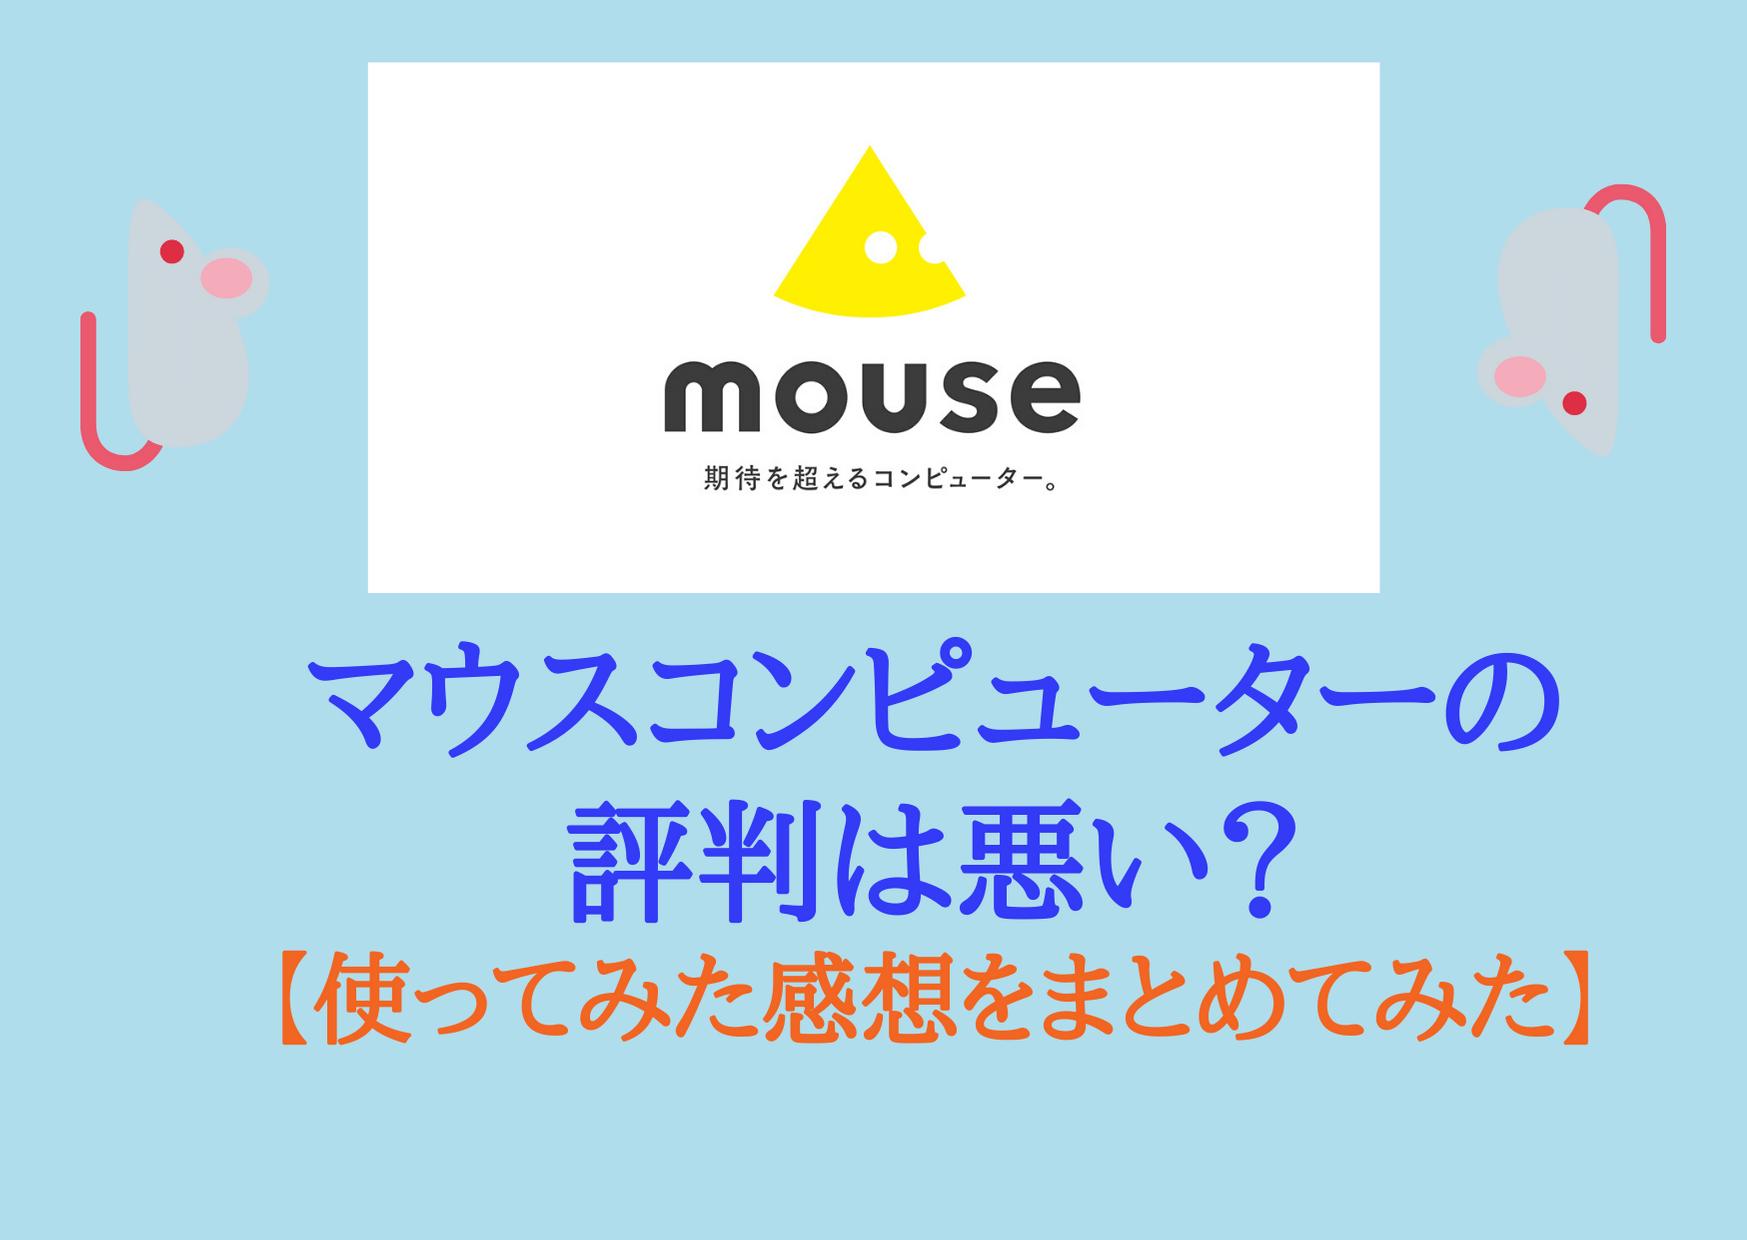 マウスコンピューターの評判は悪い?【使ってみた感想をまとめてみた】